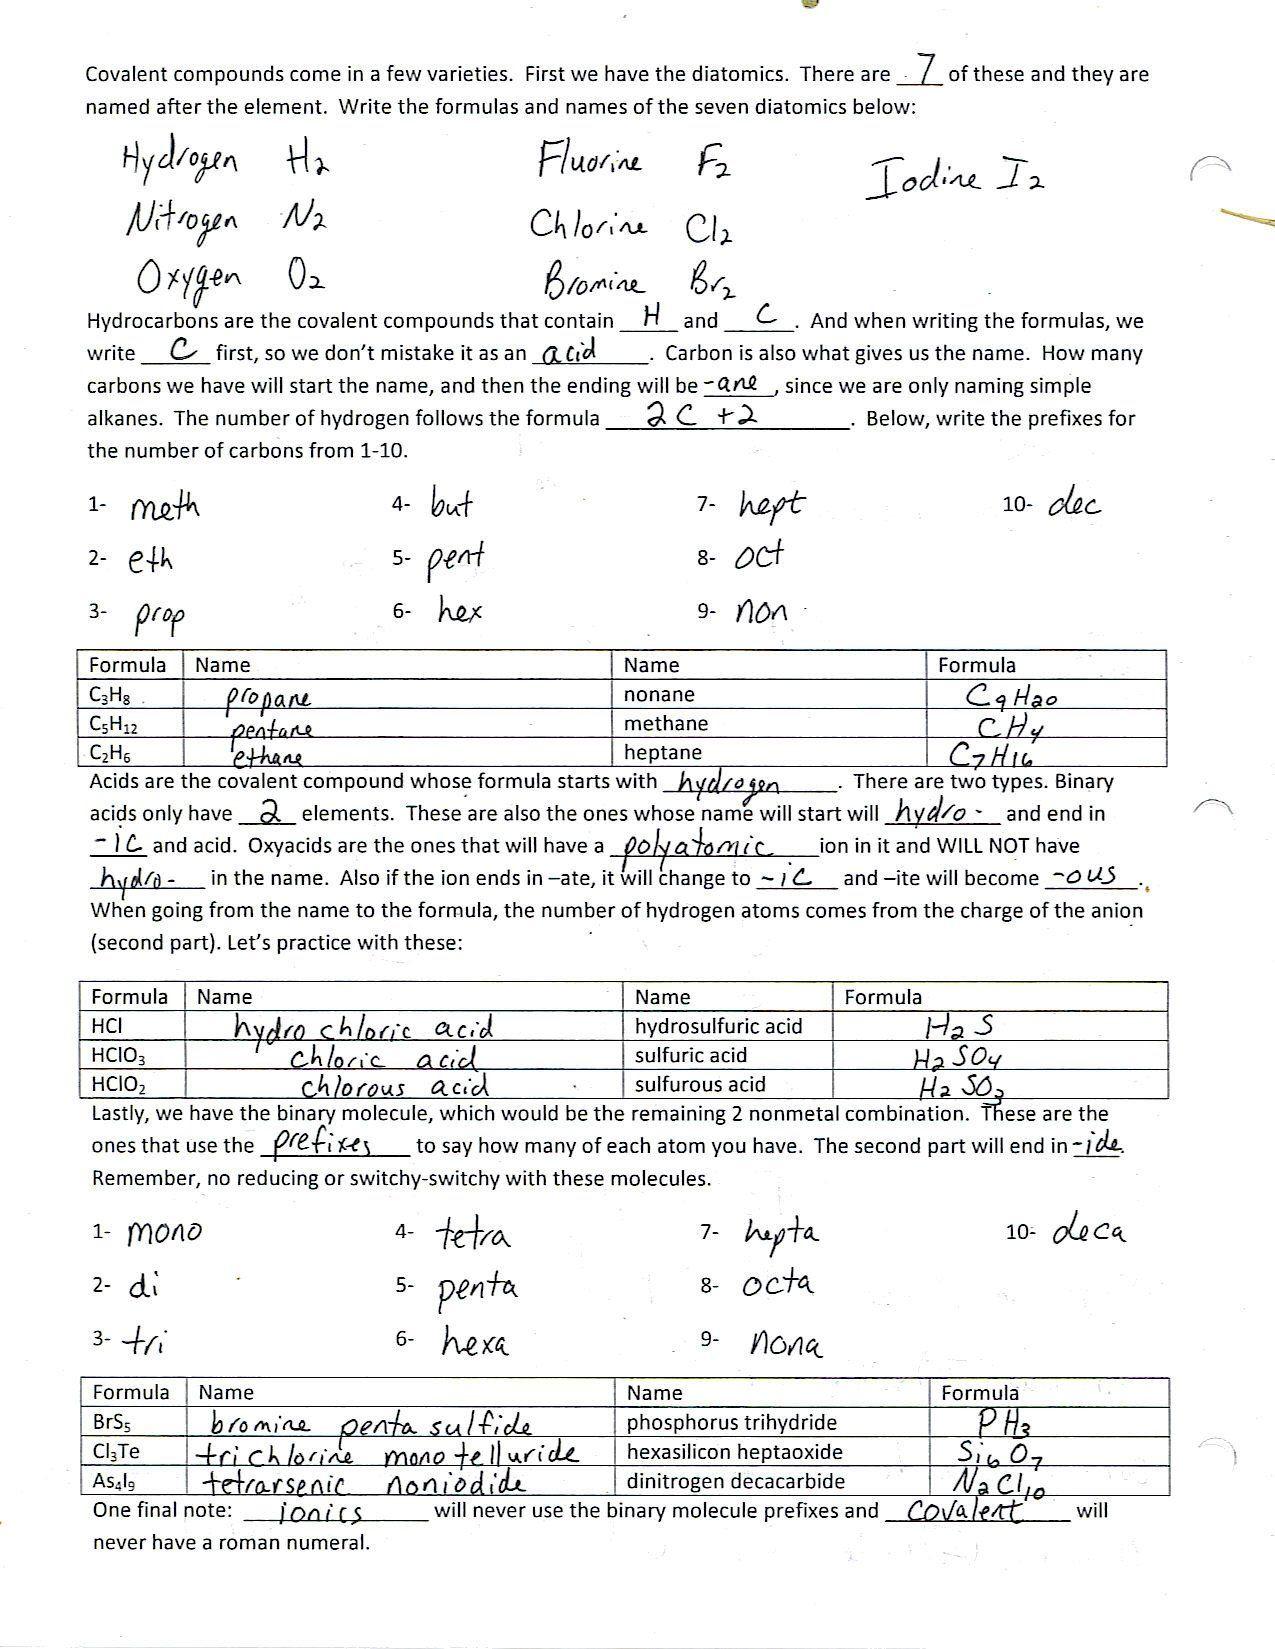 Chemical Bonding Worksheet Pdf Nidecmege Covalent Bonding Worksheet Answers In 2020 Covalent Bonding Worksheet Covalent Bonding Kids Worksheets Printables